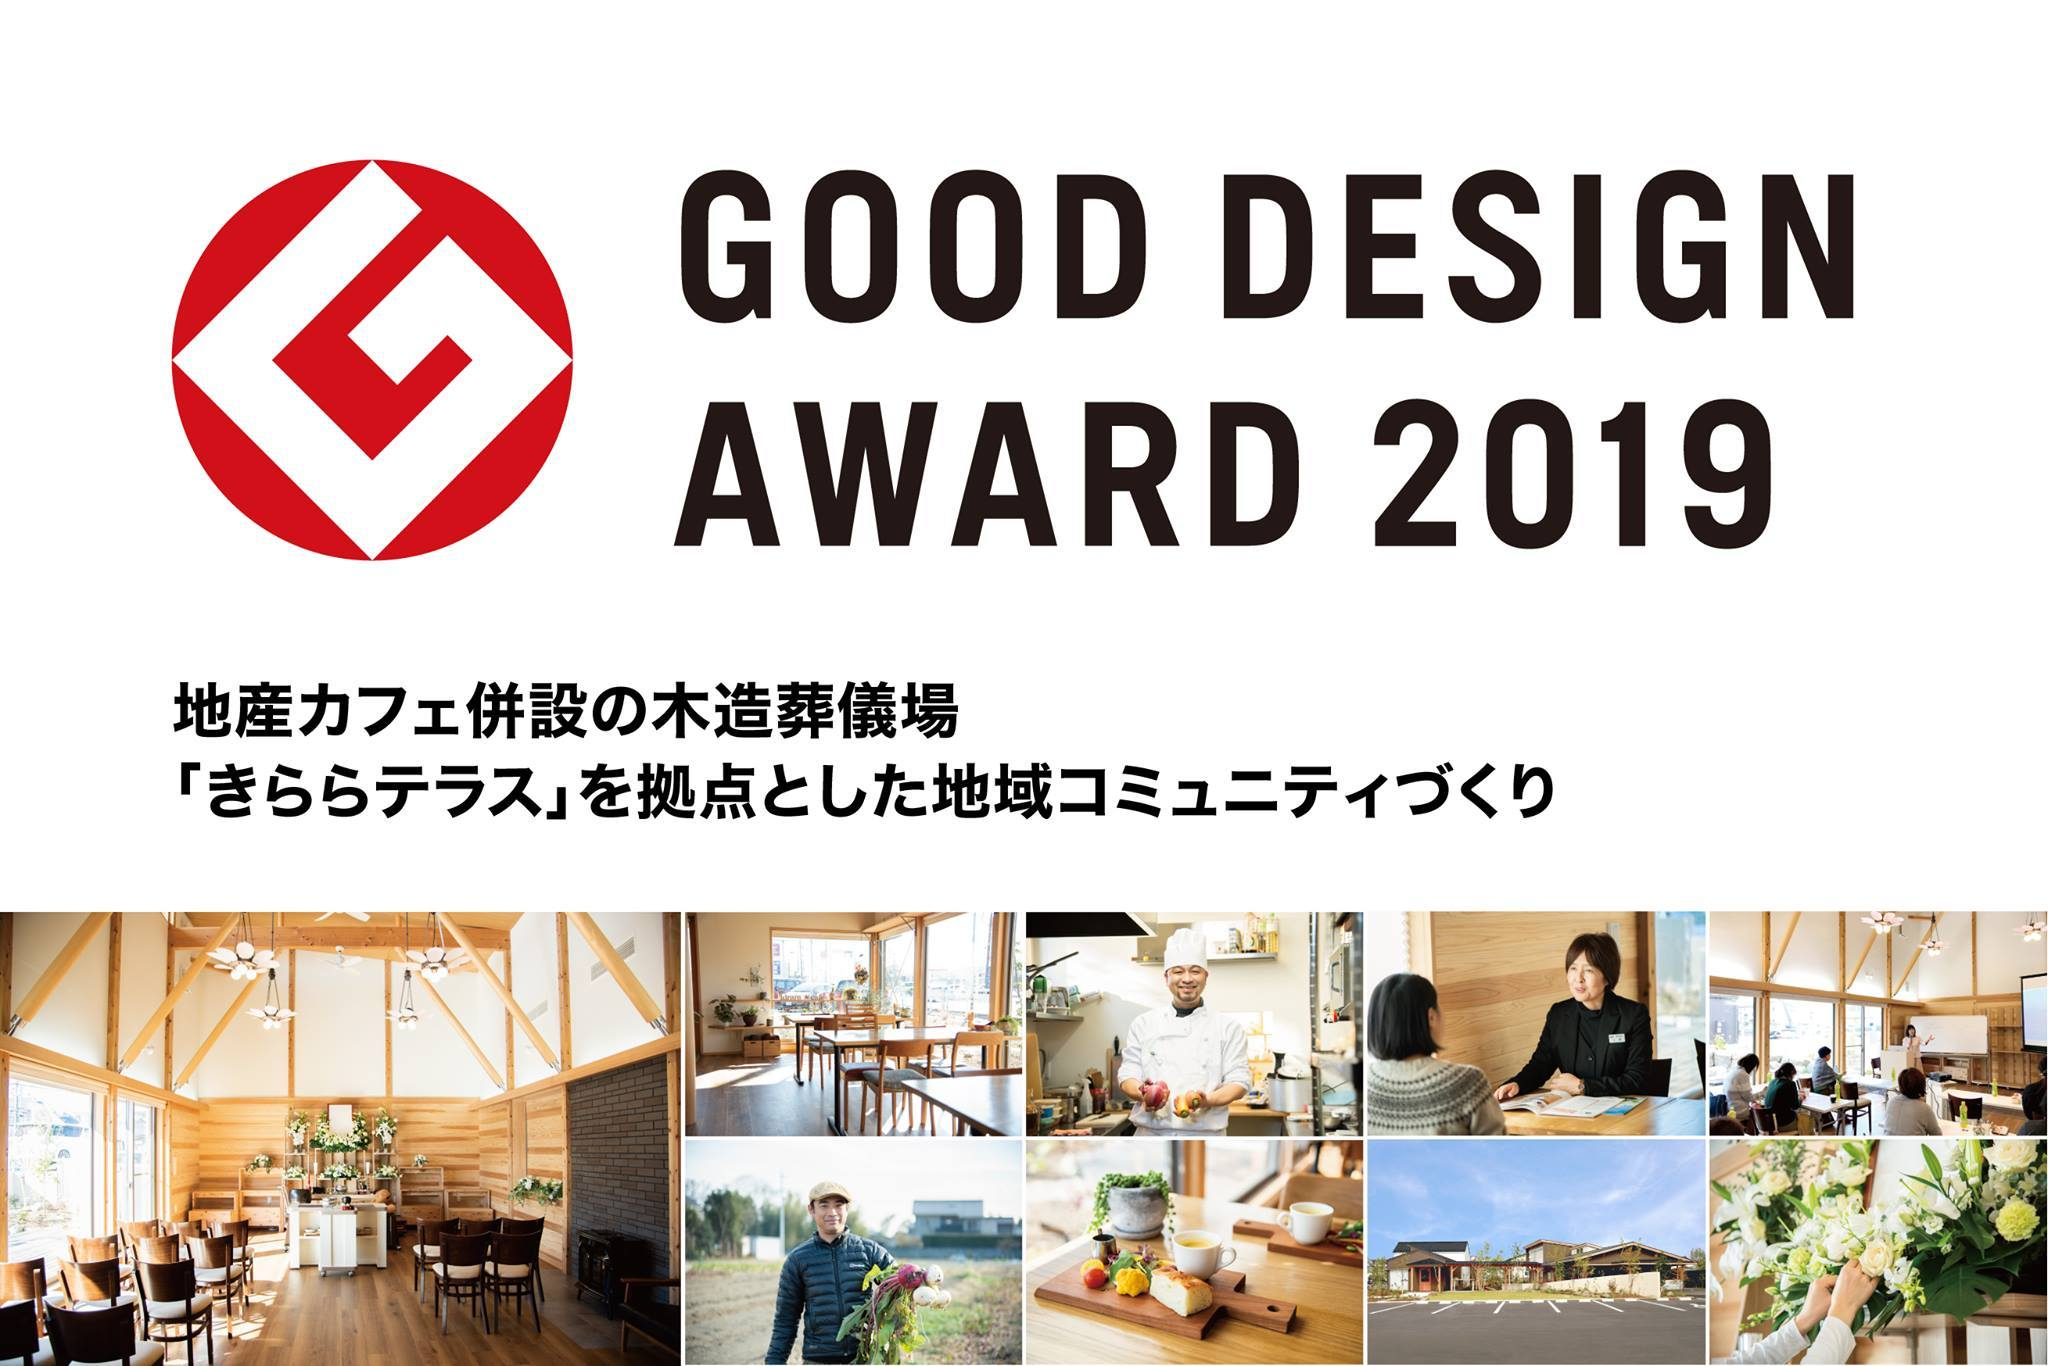 2019年度 グッドデザイン賞 受賞_c0124100_17020072.jpg